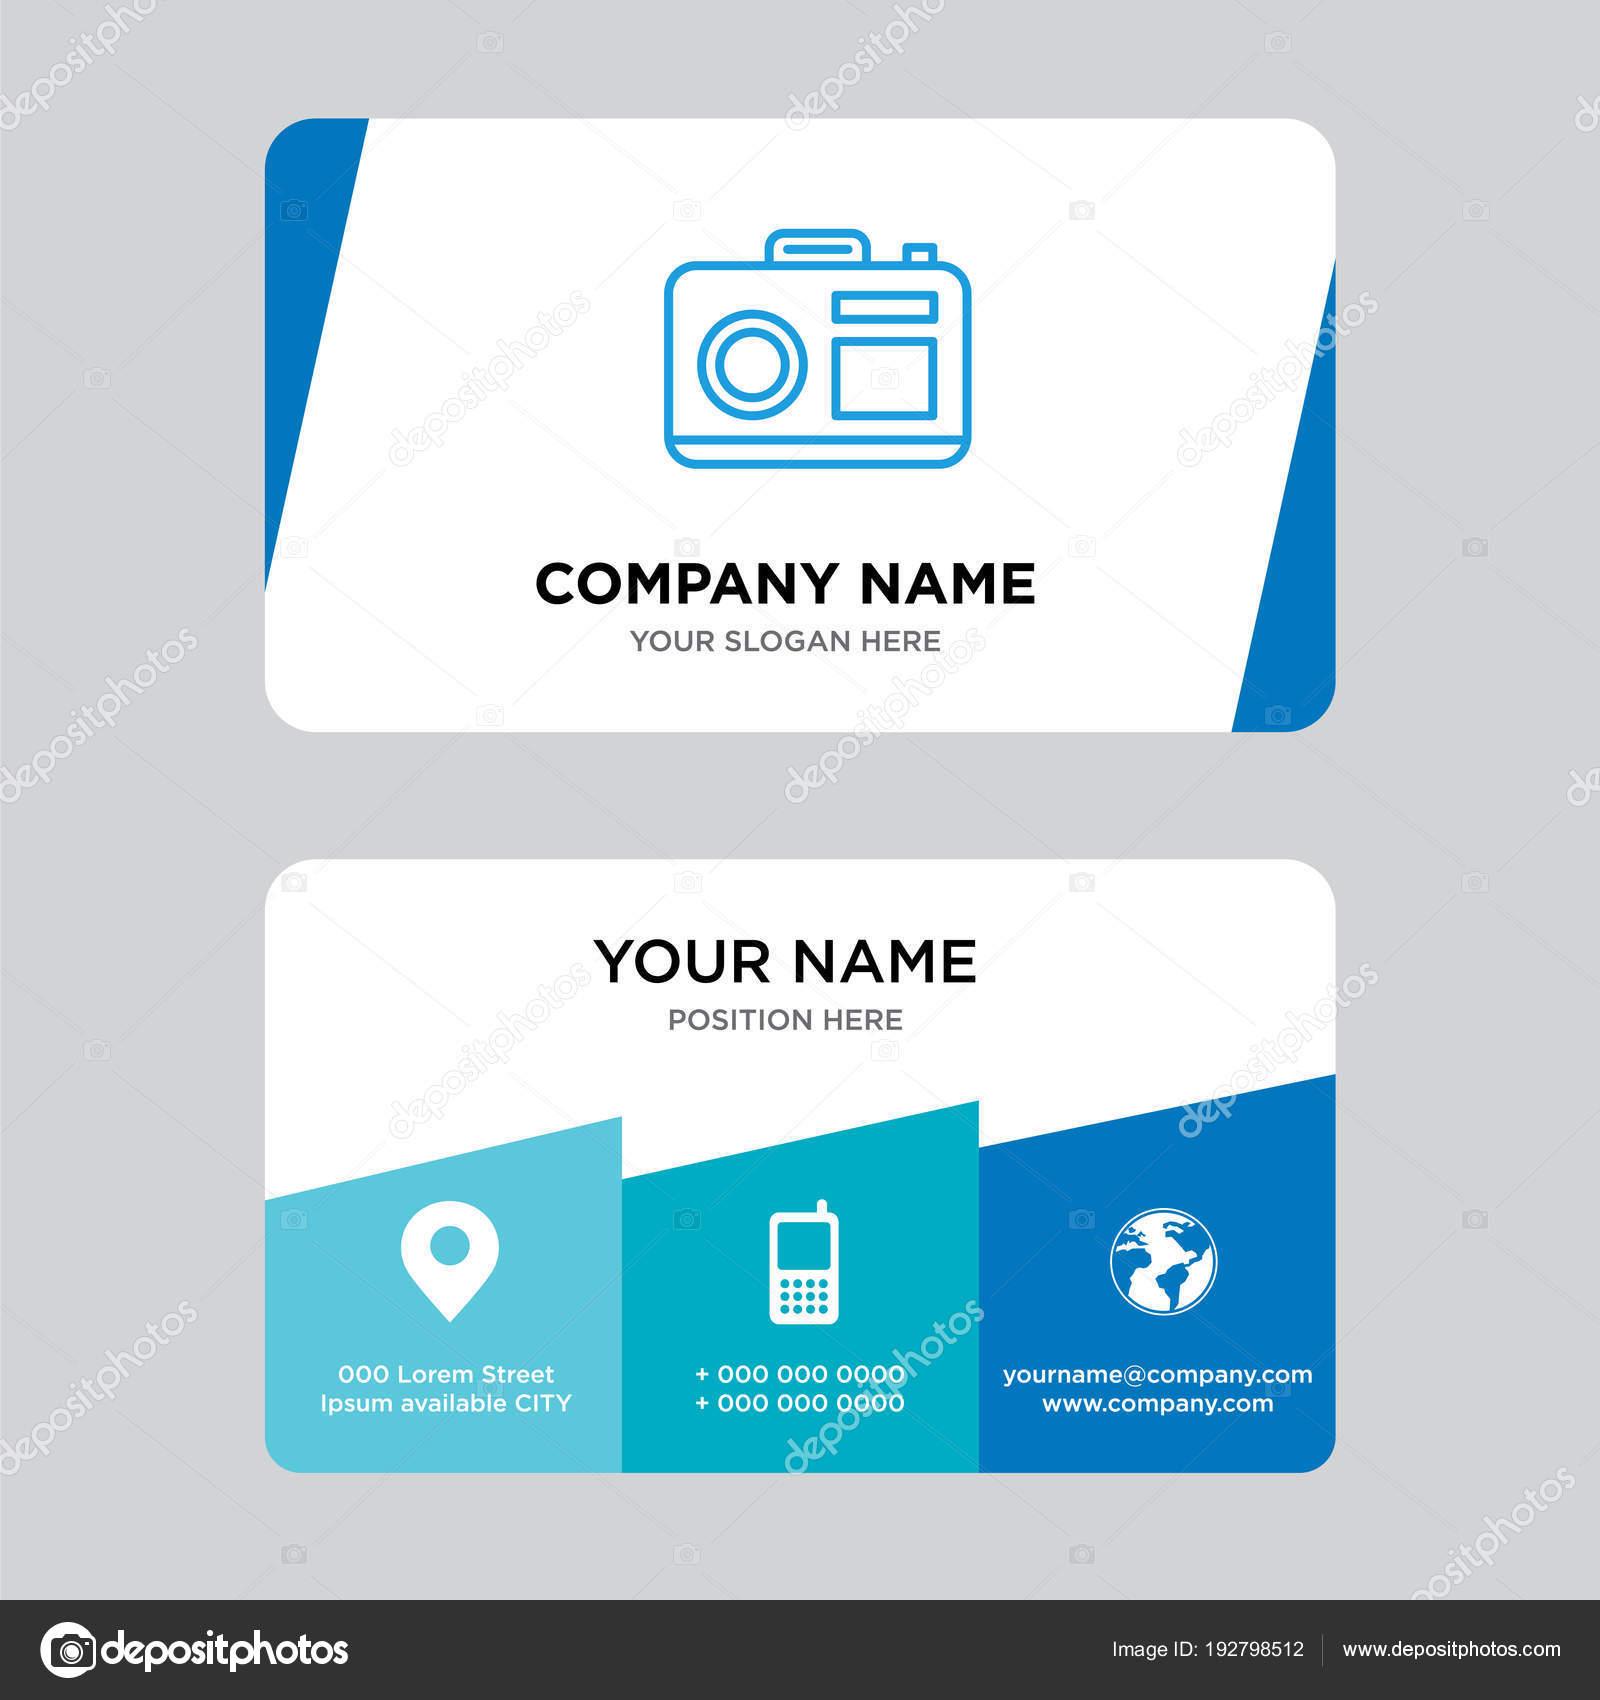 Camera business card design template stock vector provectorstock camera business card design template stock vector colourmoves